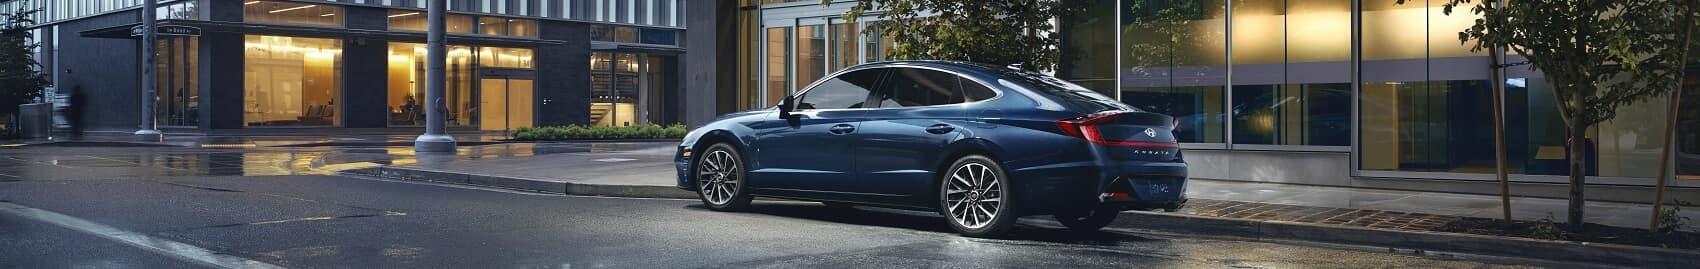 Hyundai Sonata vs Hyundai Elantra: Test Drive Both Today